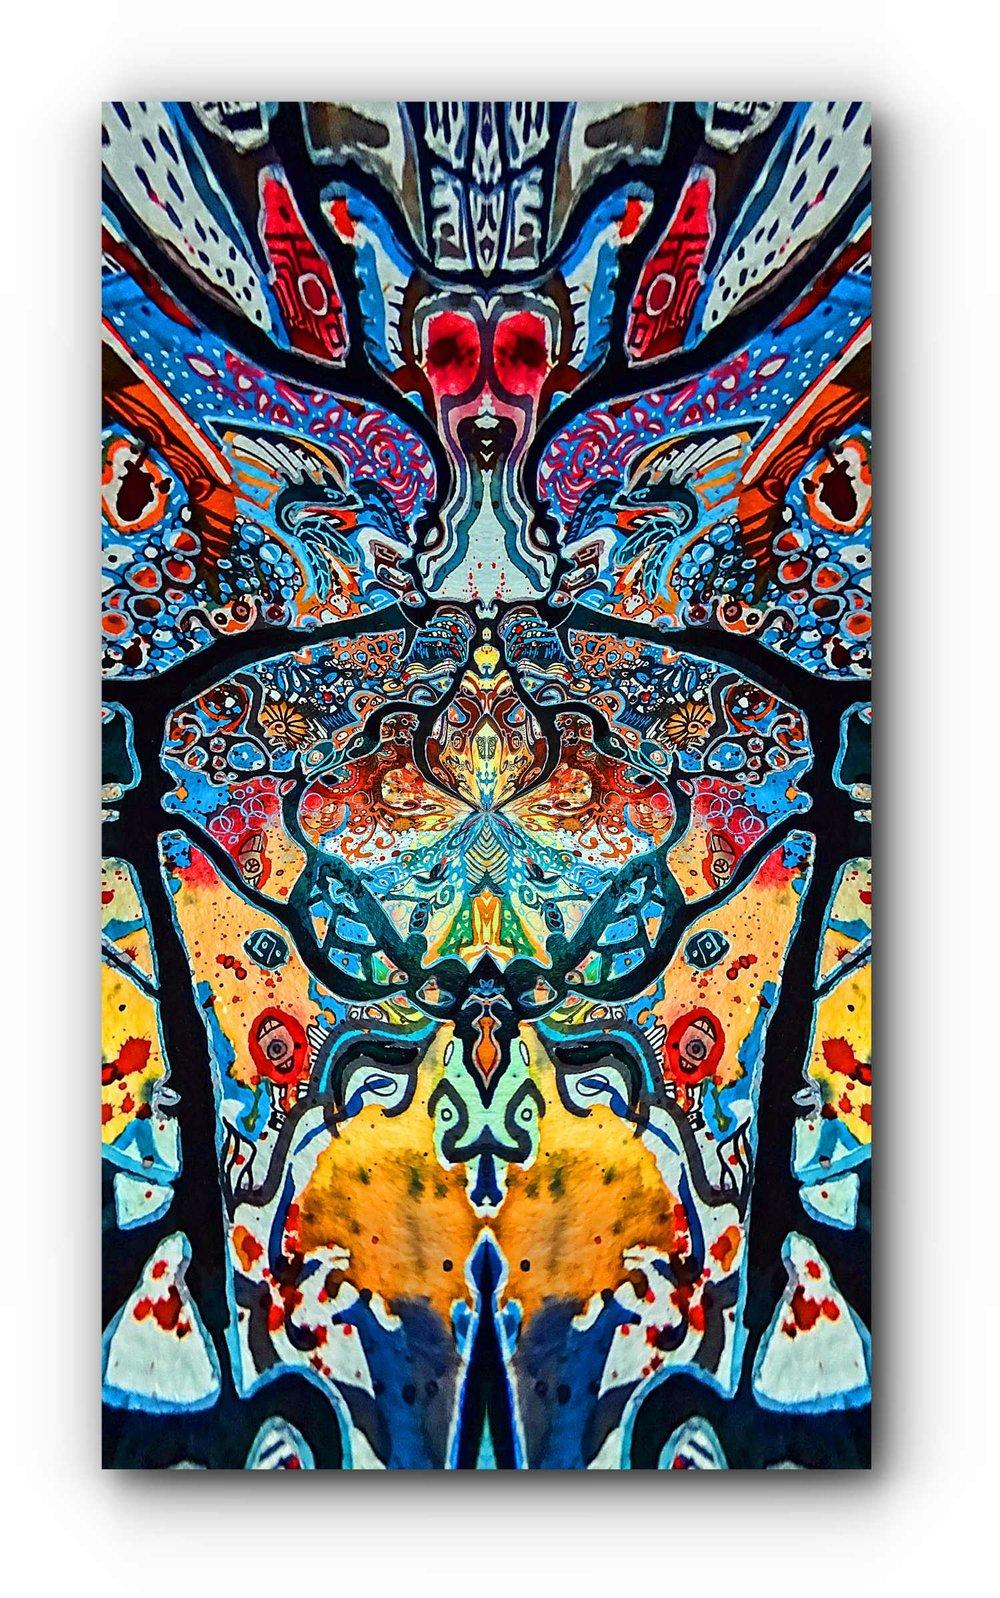 digital-art-lady-matrix-artist-duo-ingress-vortices.jpg